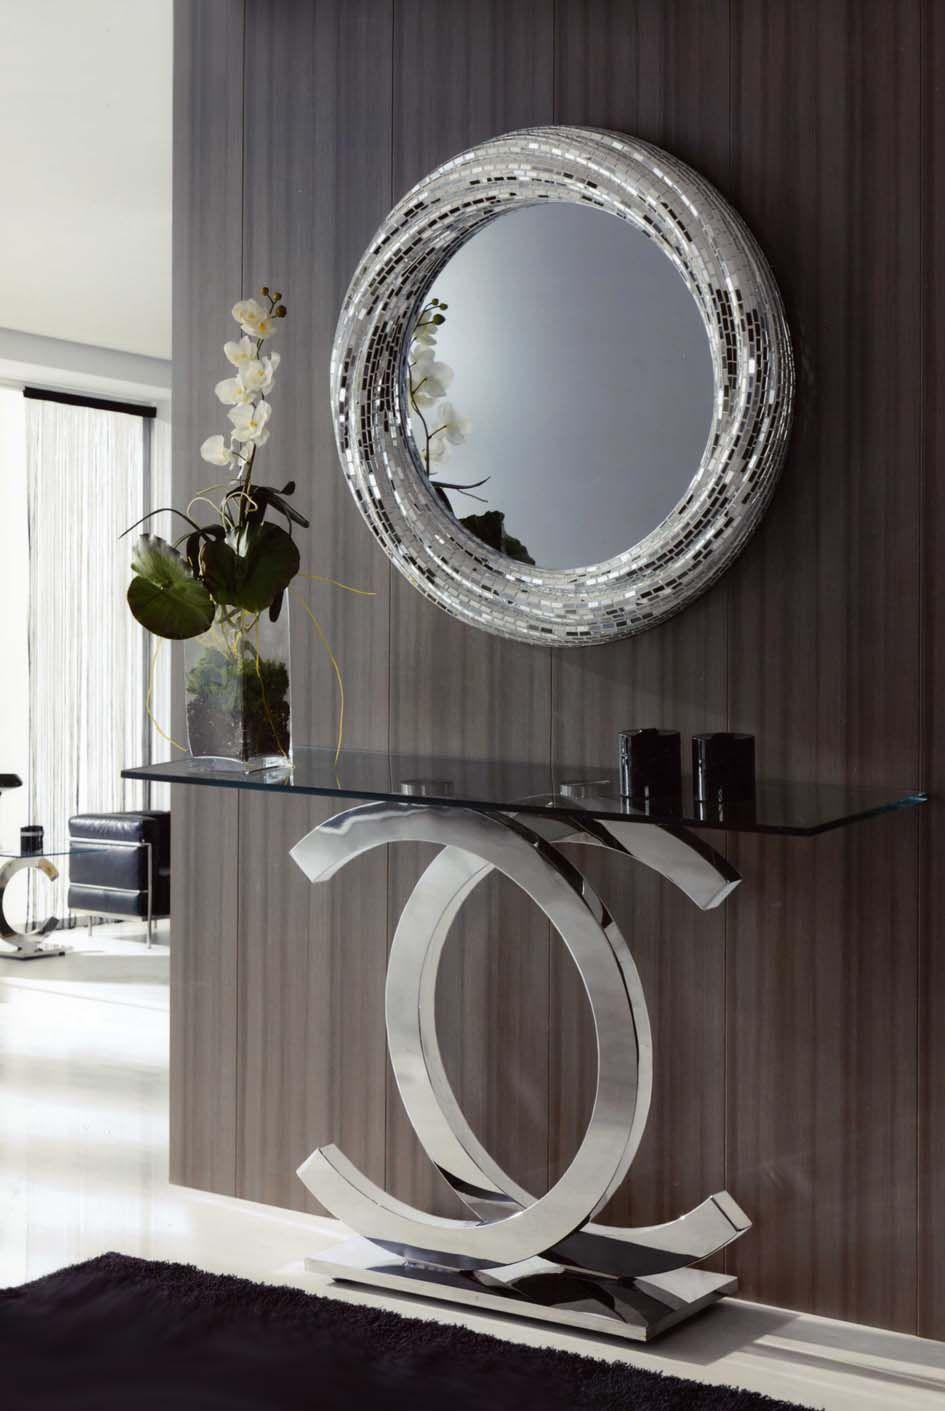 design konsole calima ihr online shop f r die einrichtung ihres ideen rund ums haus. Black Bedroom Furniture Sets. Home Design Ideas